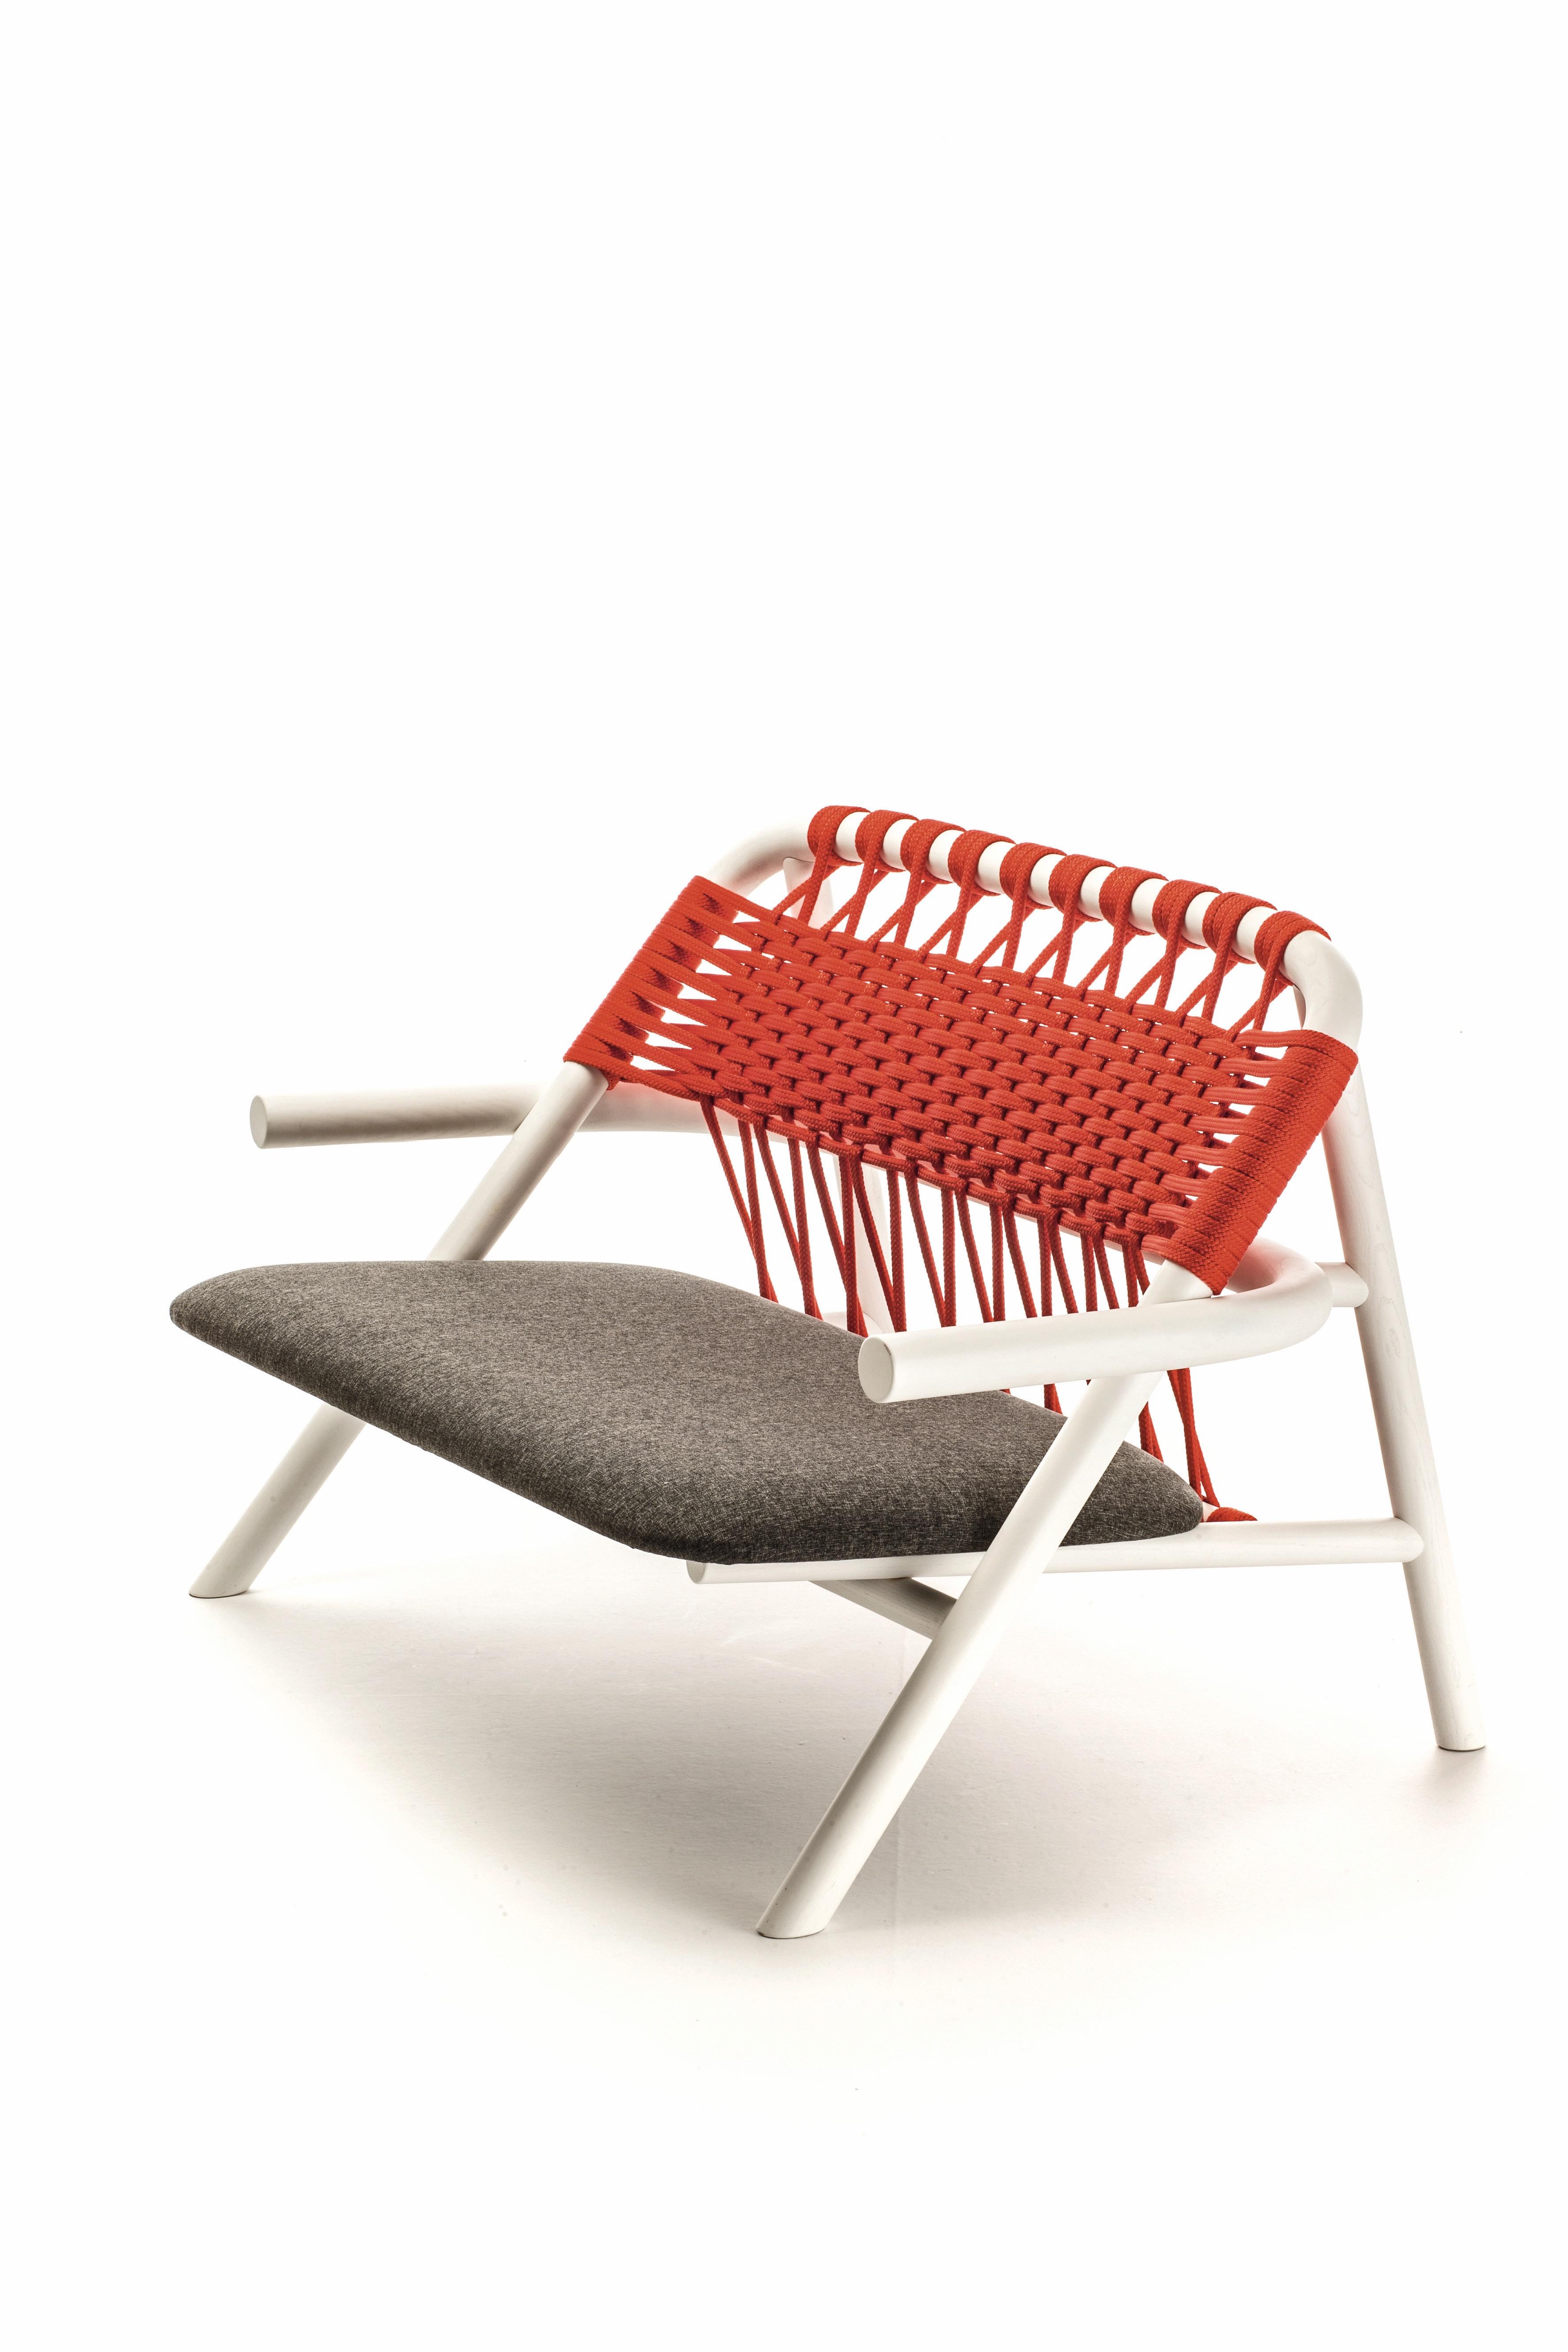 Unam Sofa